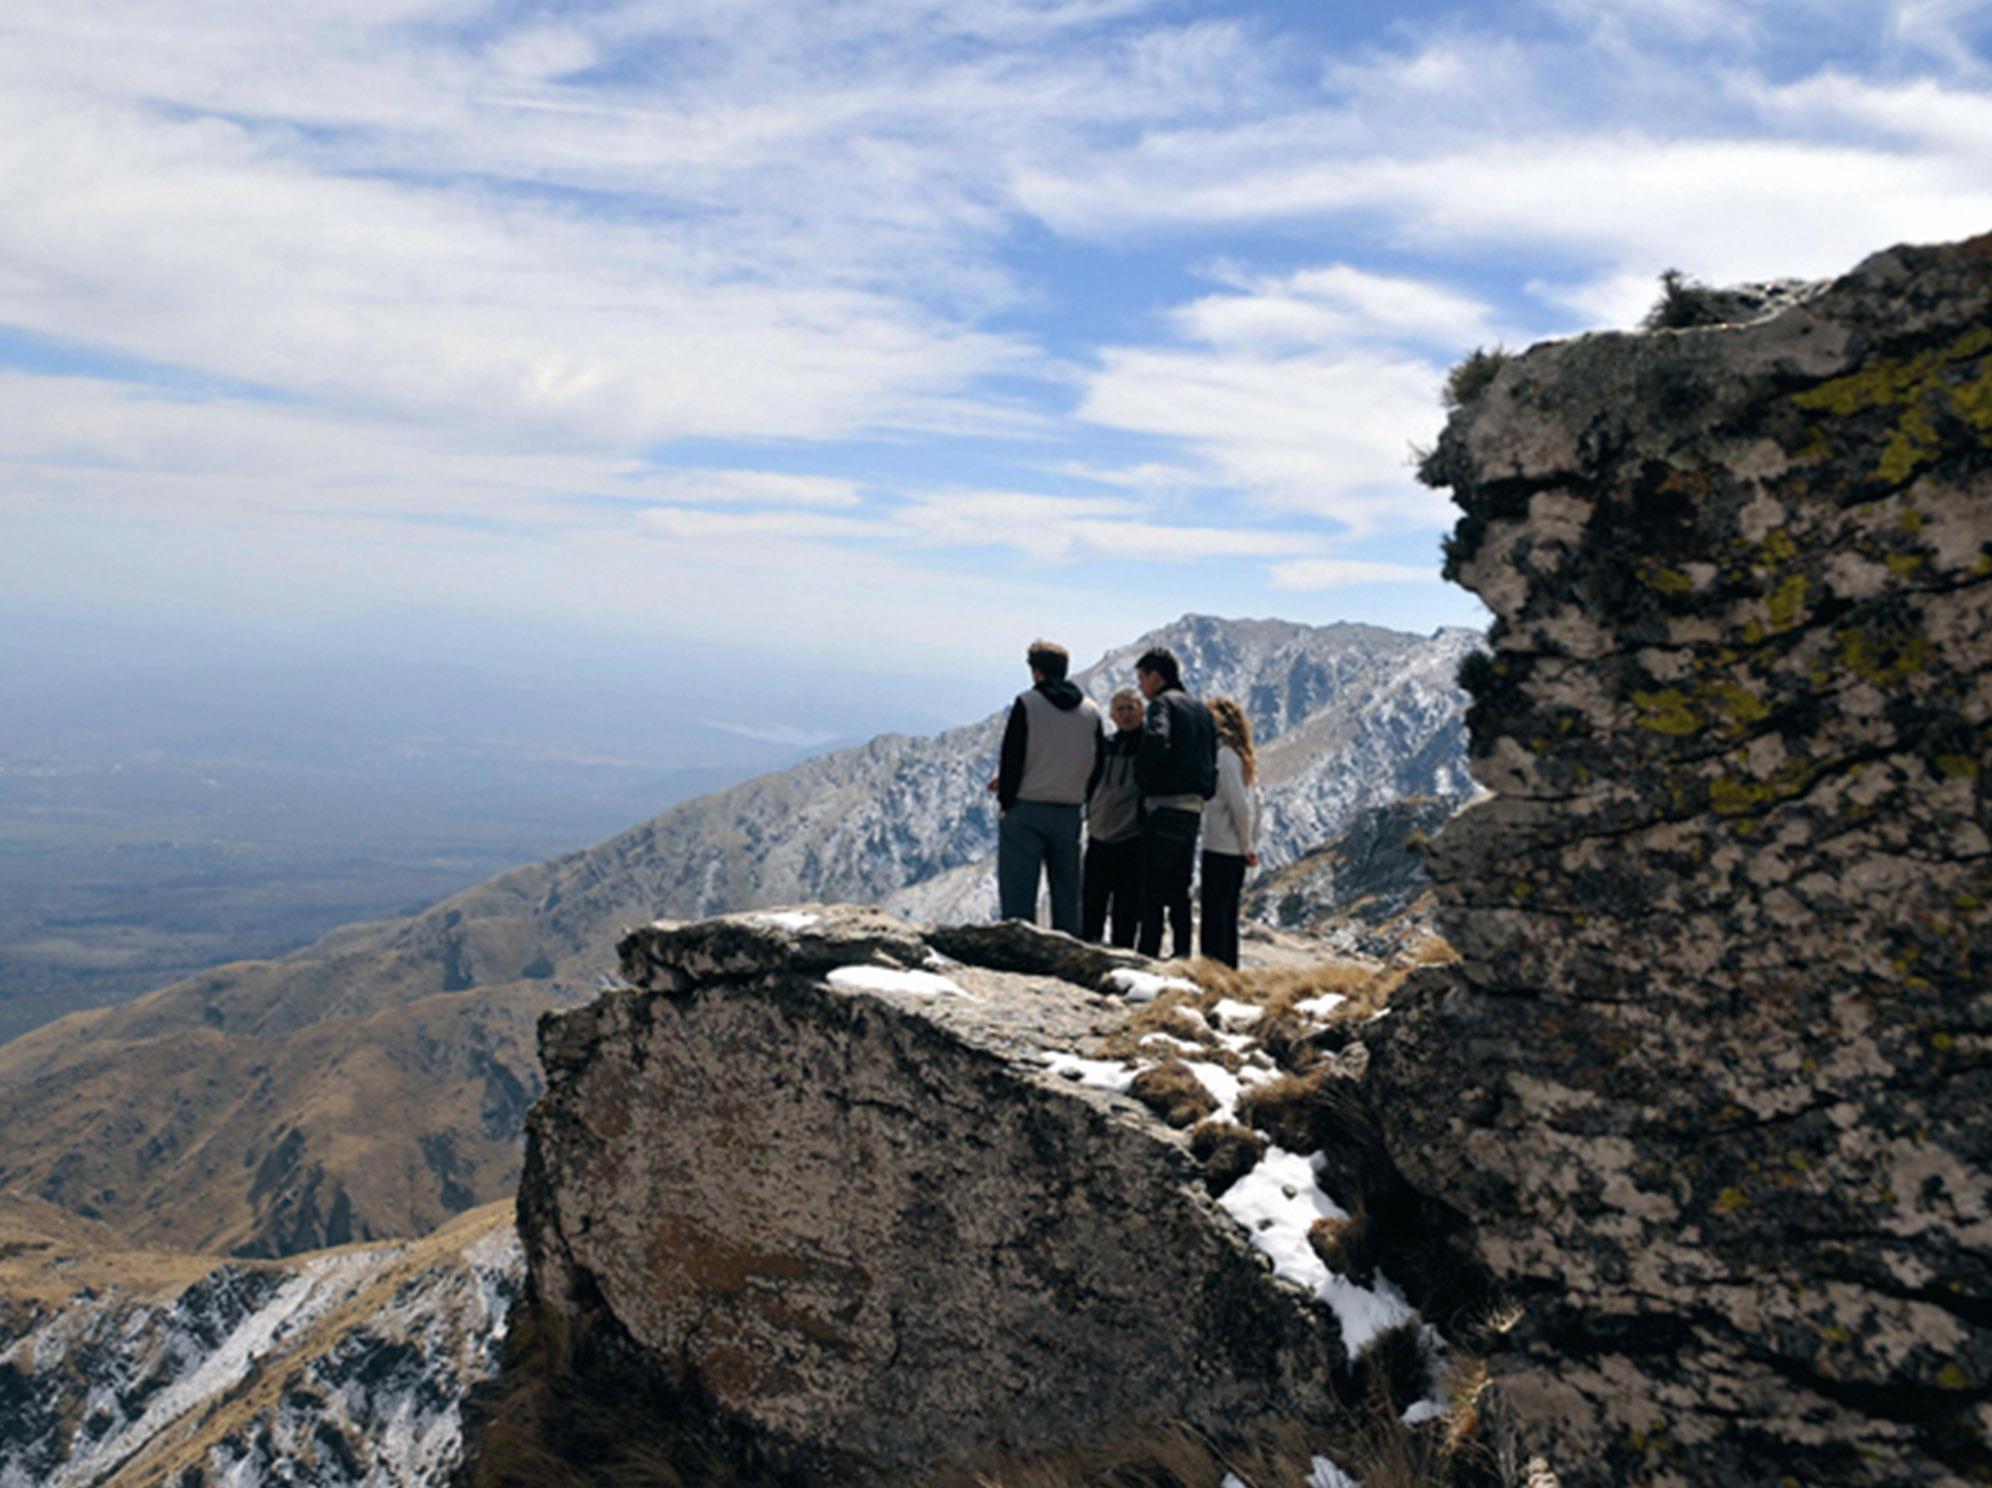 cerro champaqui - Hoy viajamos al Cerro Champaquí